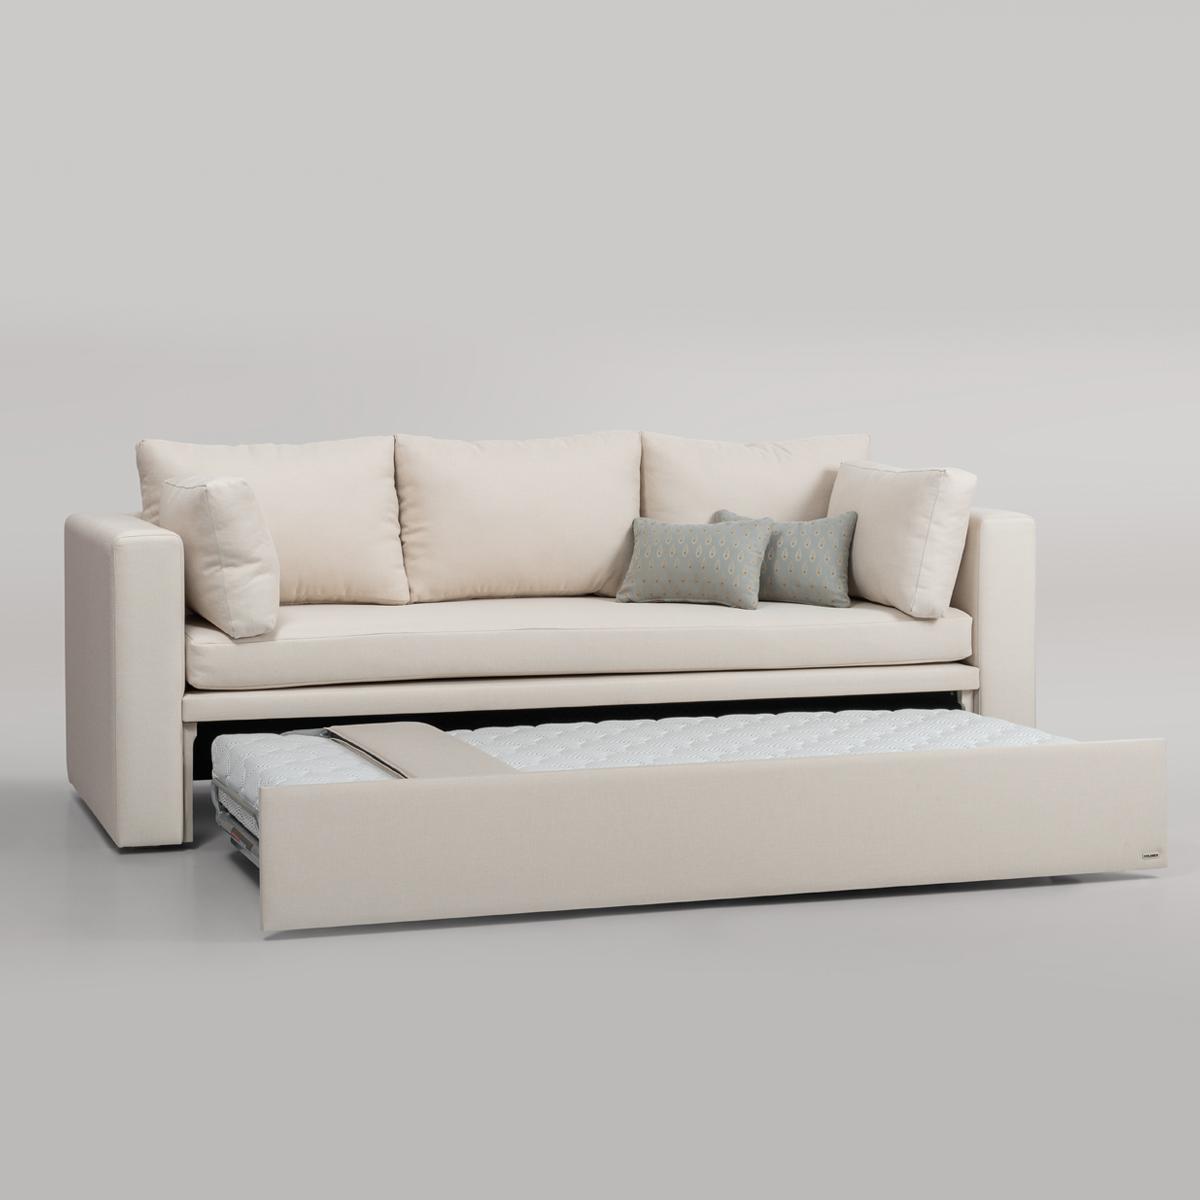 sleeper Sofá cama Sleeper colunex sleeper sofa bed 01